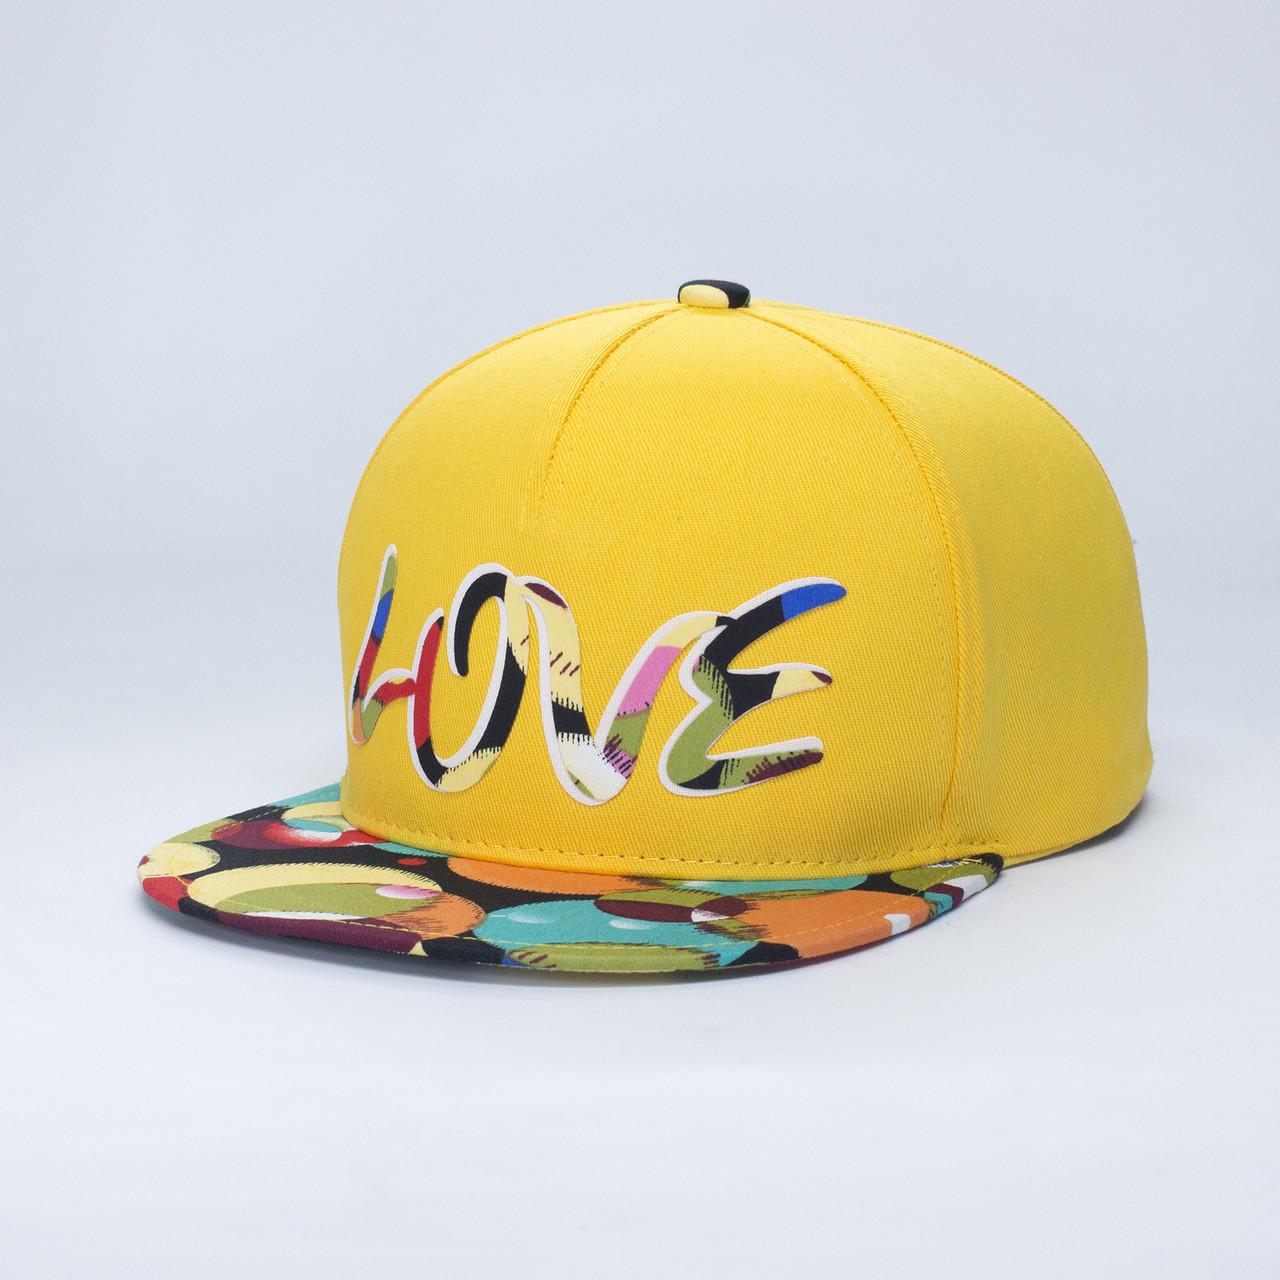 Детская кепка бейсболка для девочки 3-16 лет INAL love XS / 51-52 RU Желтый 47451